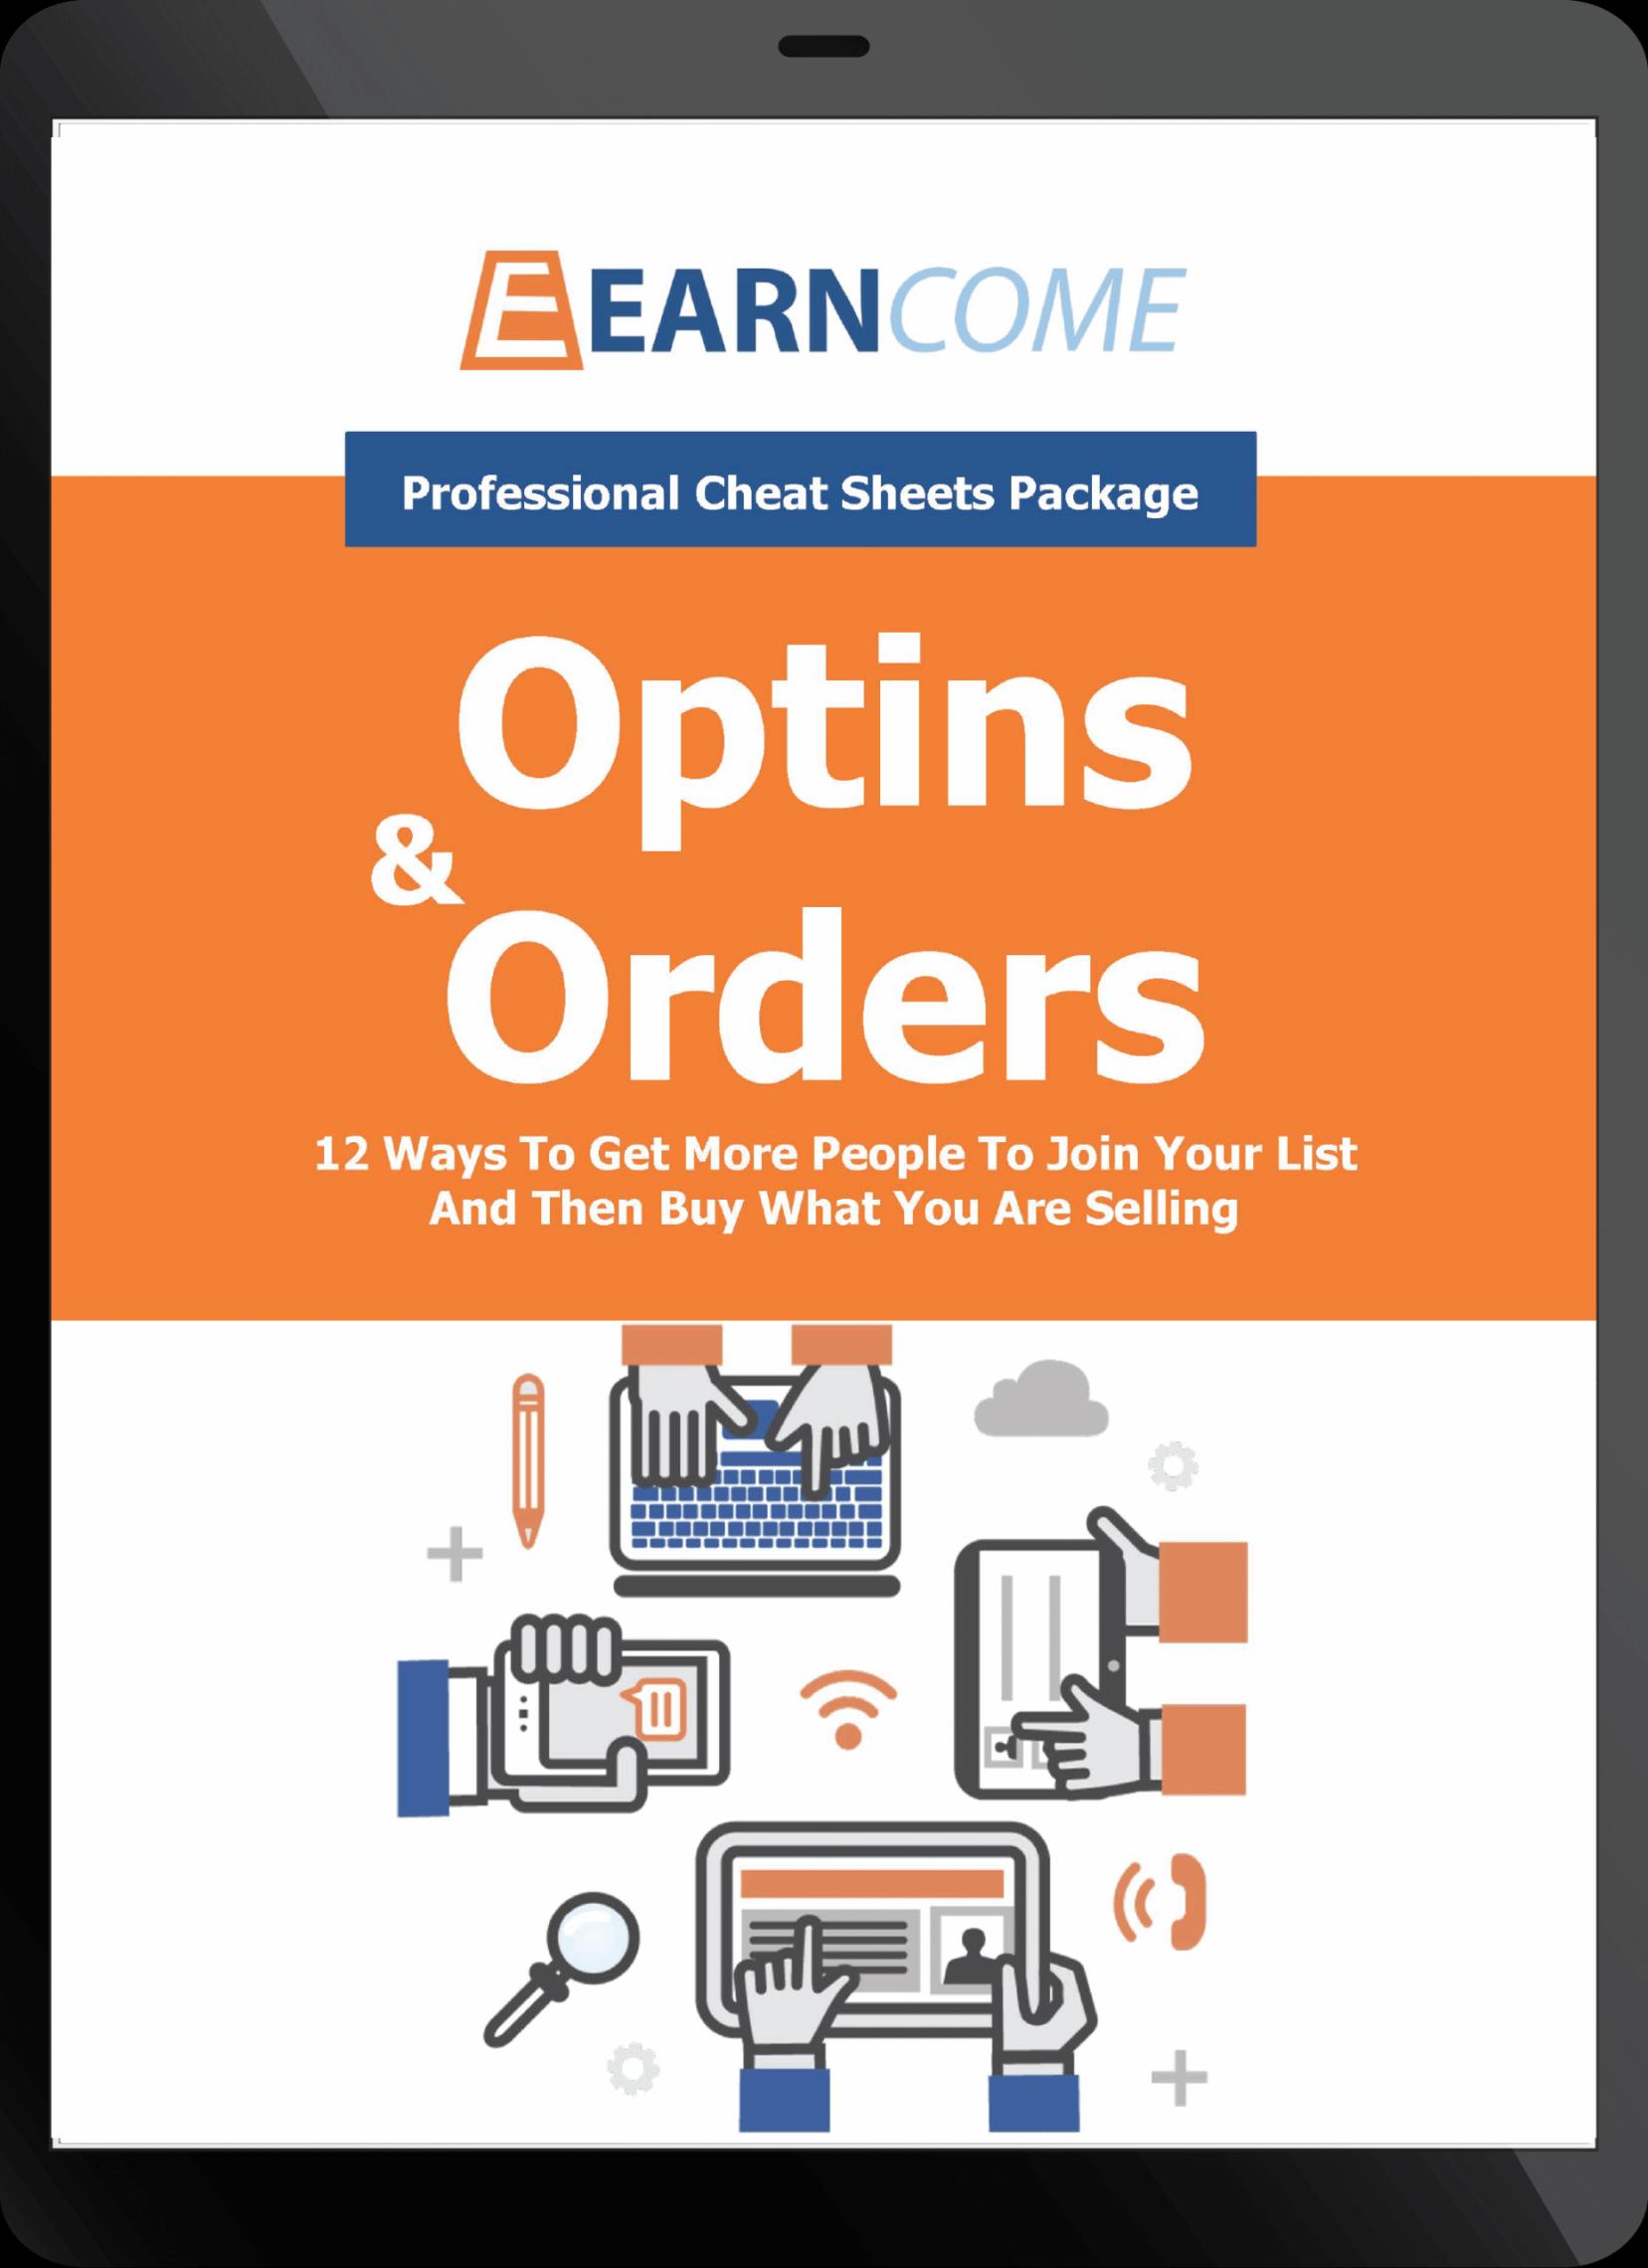 12个小窍门,告诉你如何让更多的人加入你的邮件订阅列表,购买你正在销售的产品。(Optins And Orders)